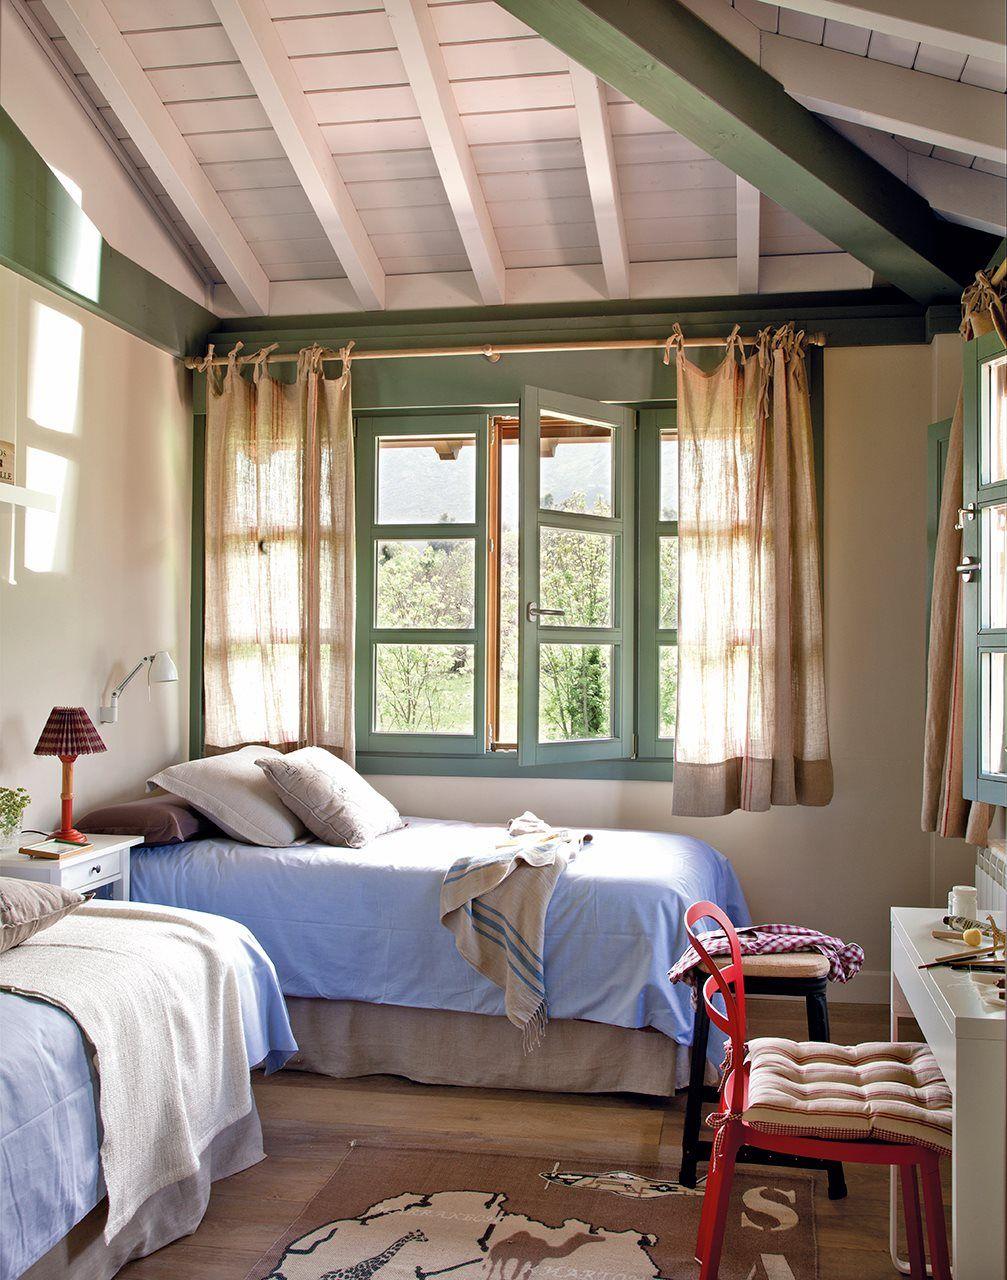 Dormitorios Infantiles Asturias.Para Dos Pinterest Ayer Casas Y Dormitorio